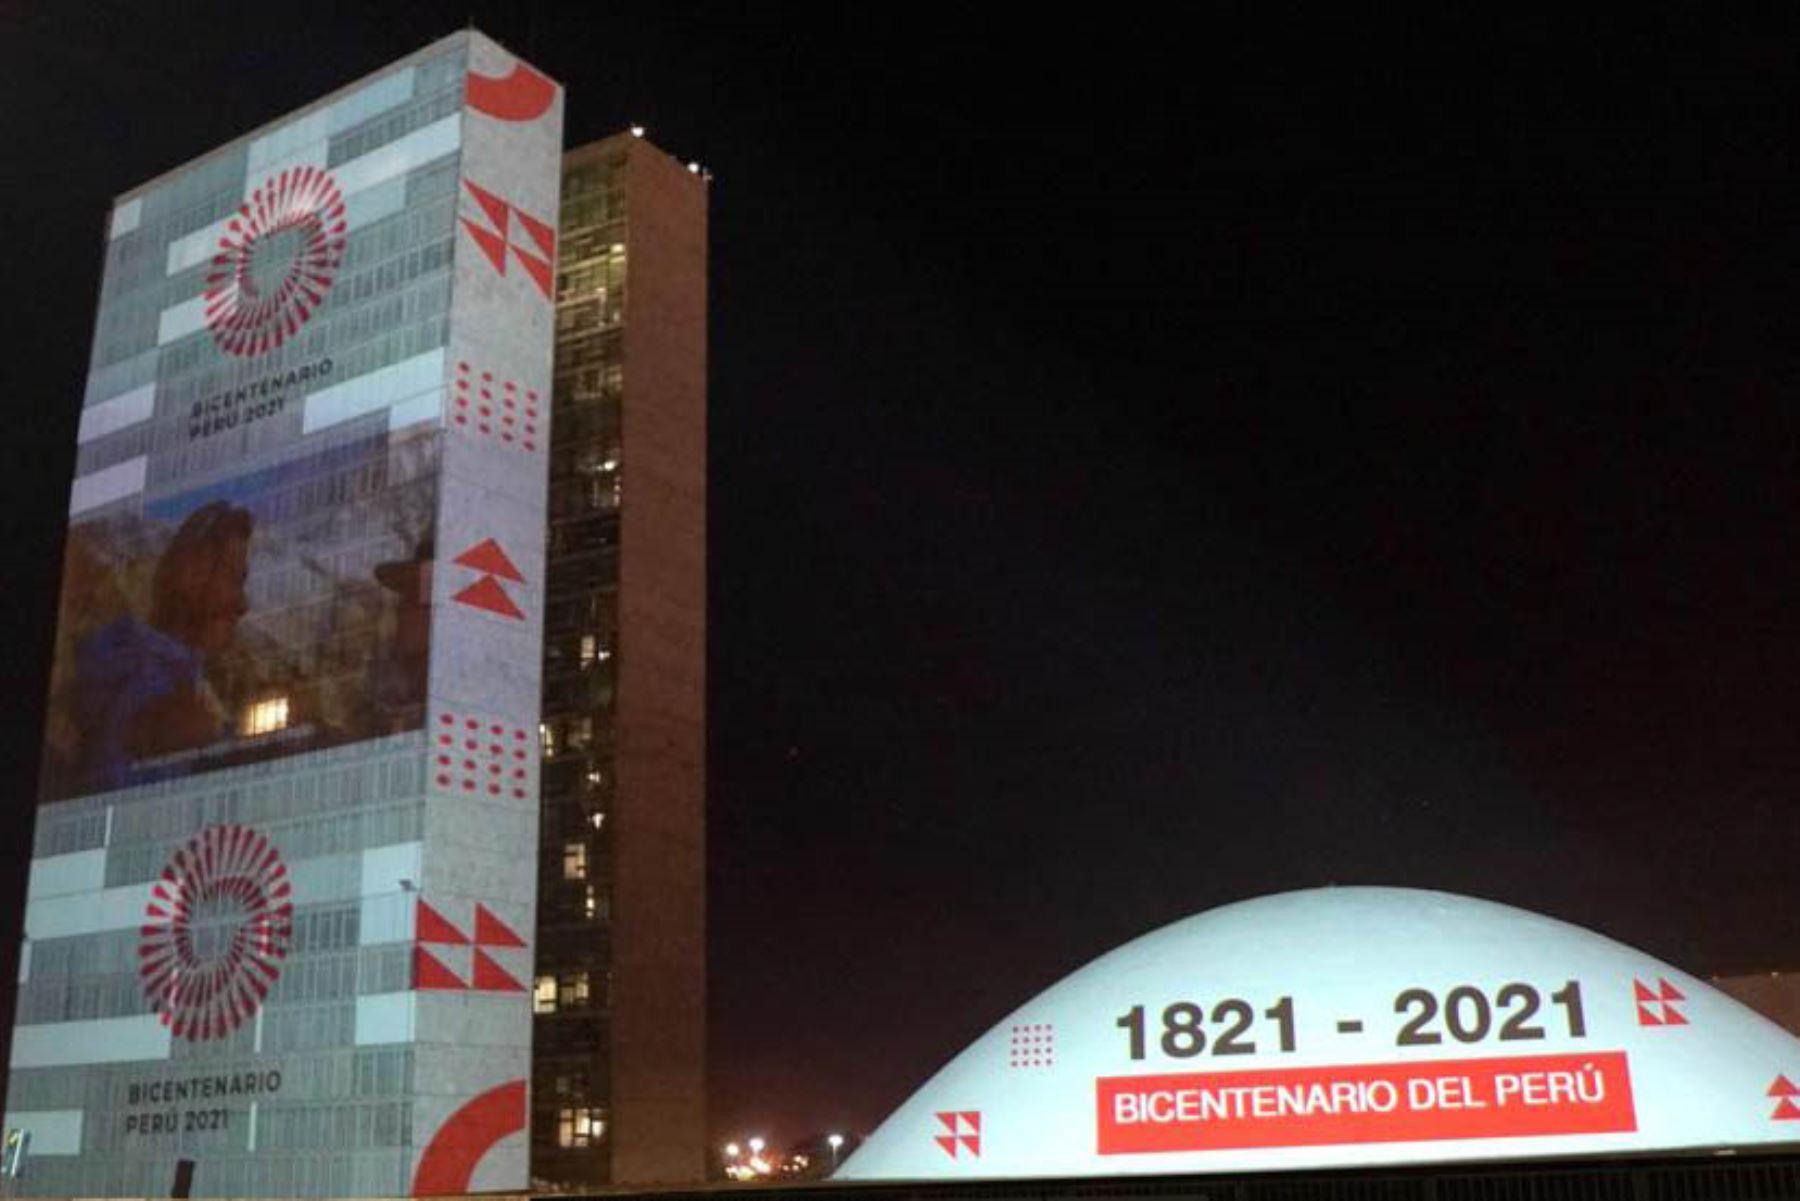 La Embajada del Perú en Brasil realizó una vistosa proyección mapeada en los edificios del Senado Federal de Brasil. Foto: Ministerio de Relaciones Exteriores del Perú